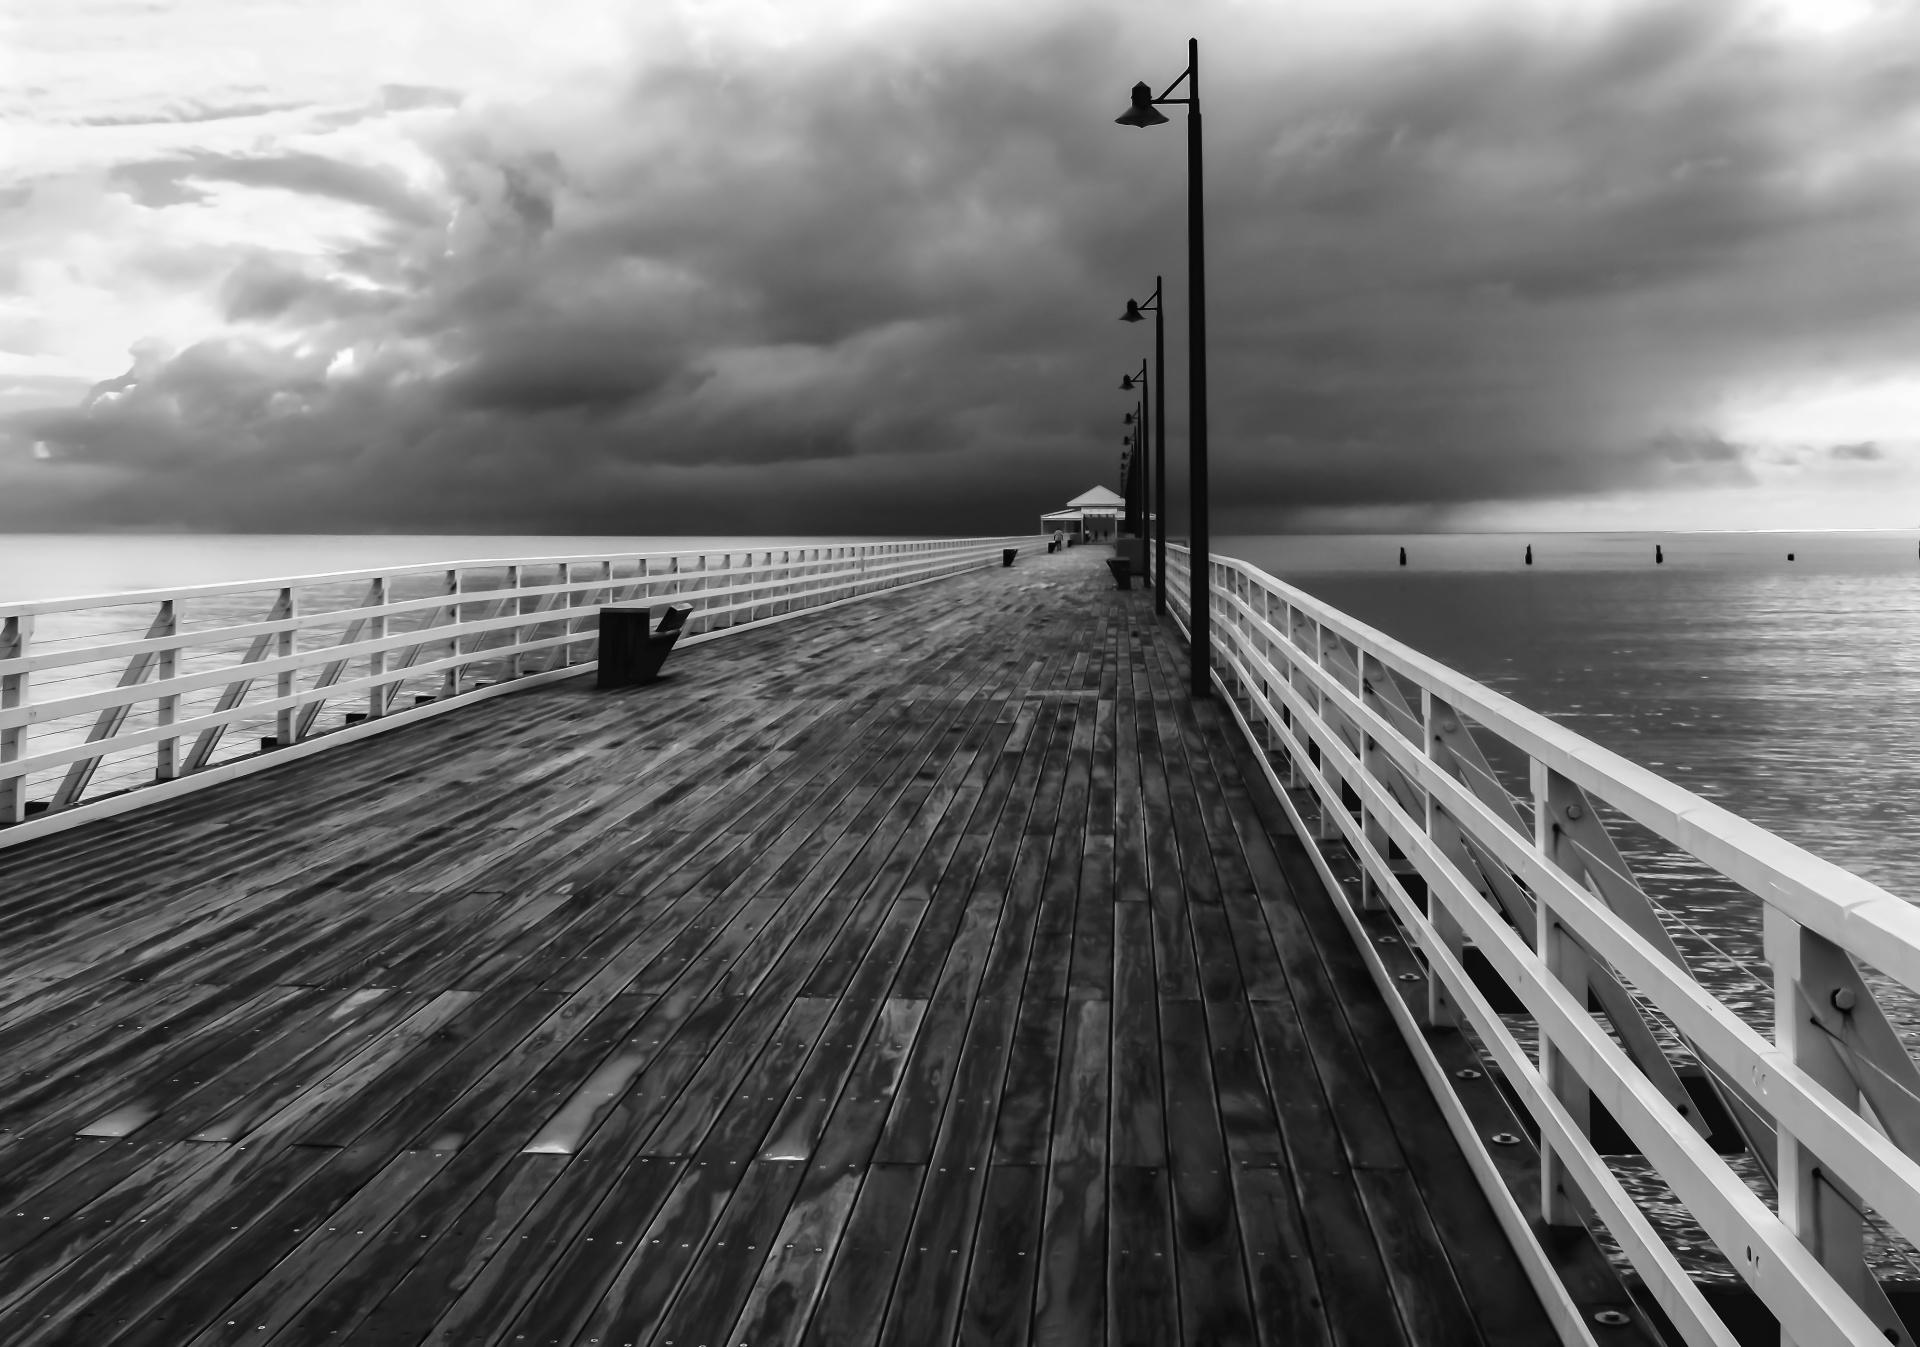 ...along the pier.